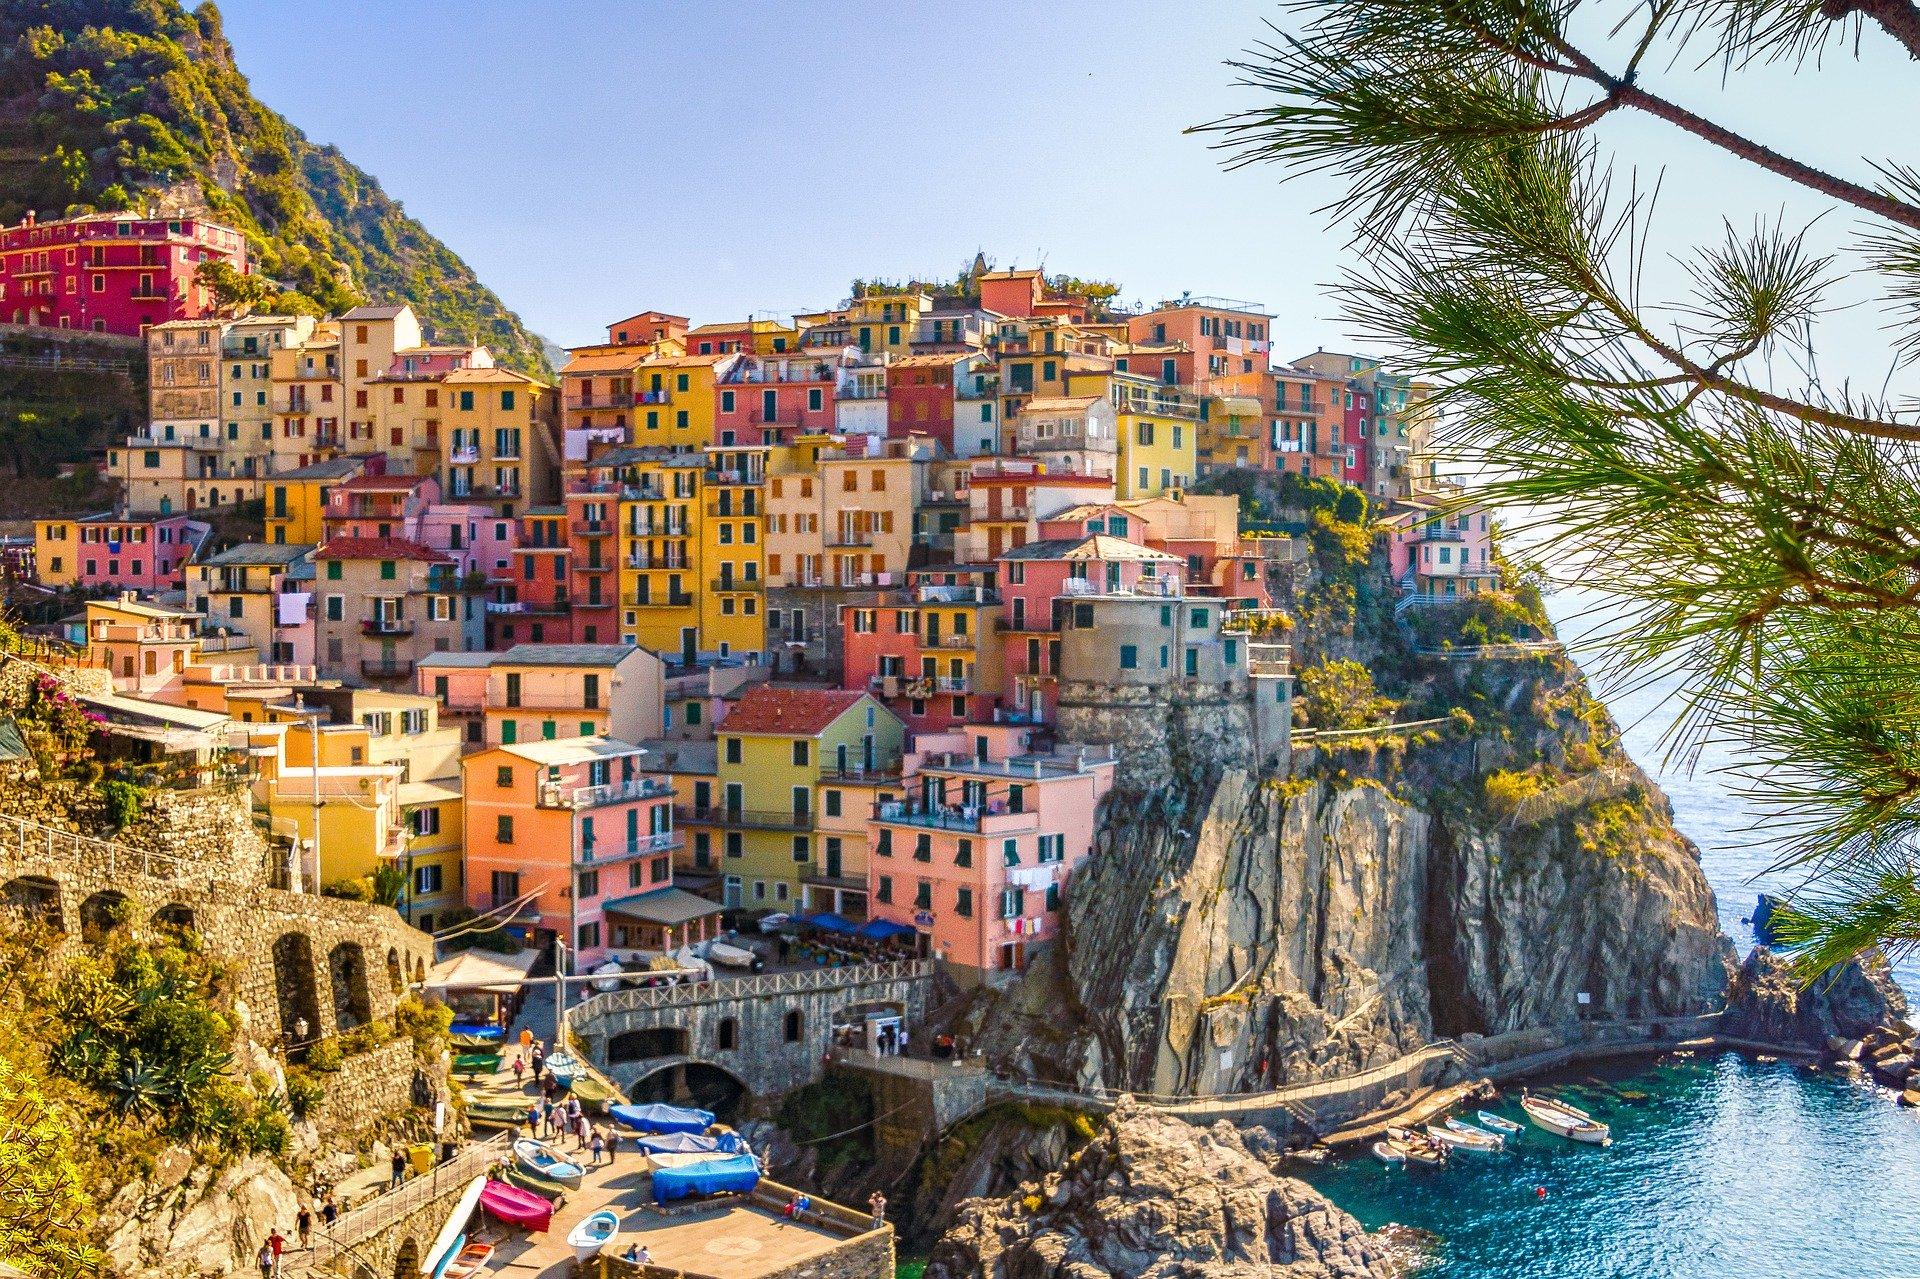 Vacanze giugno 2020 Italia: